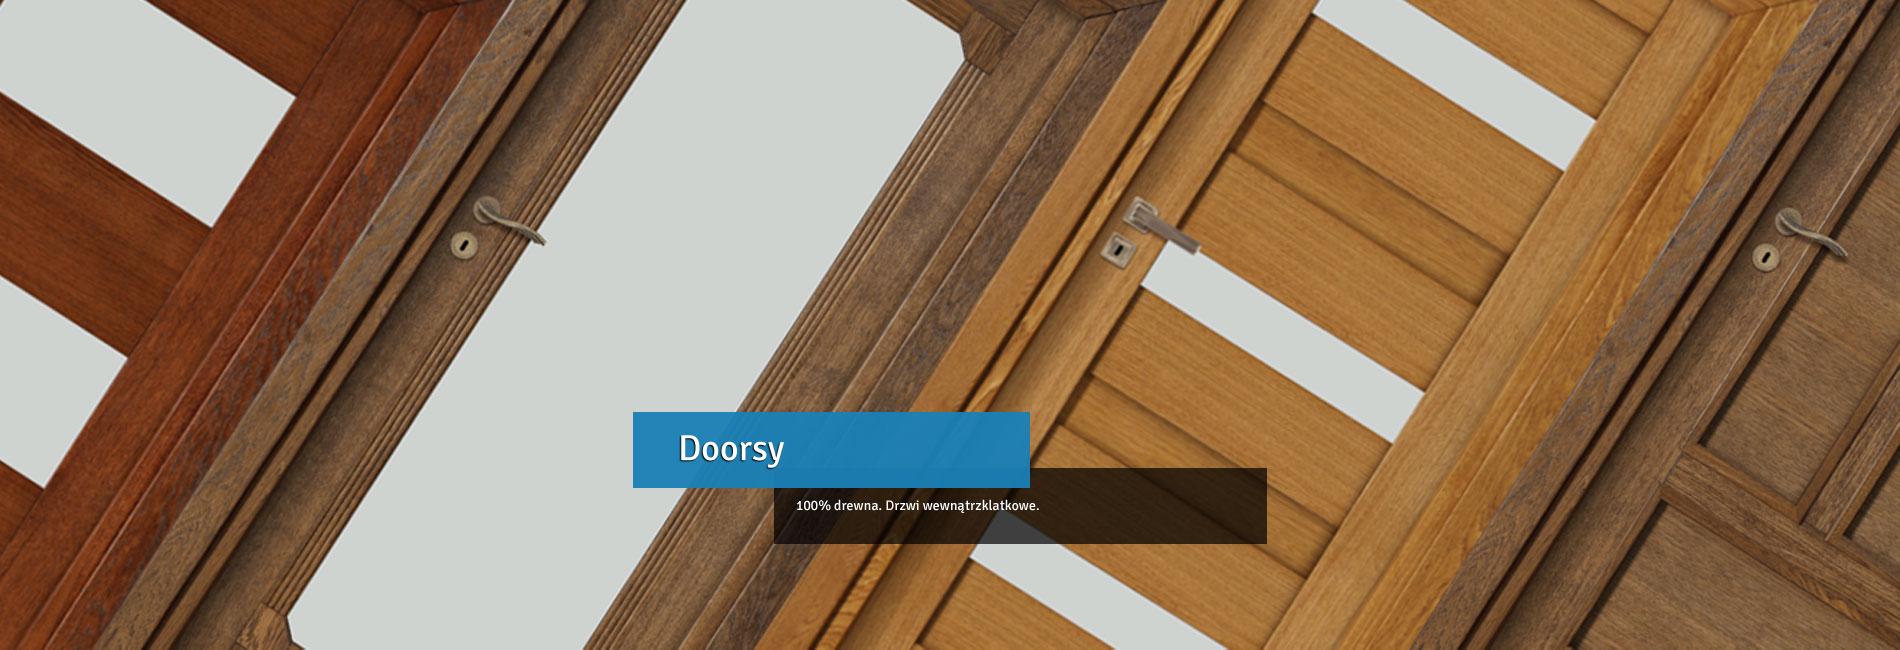 doorsy-drzwi-wewnetrzne